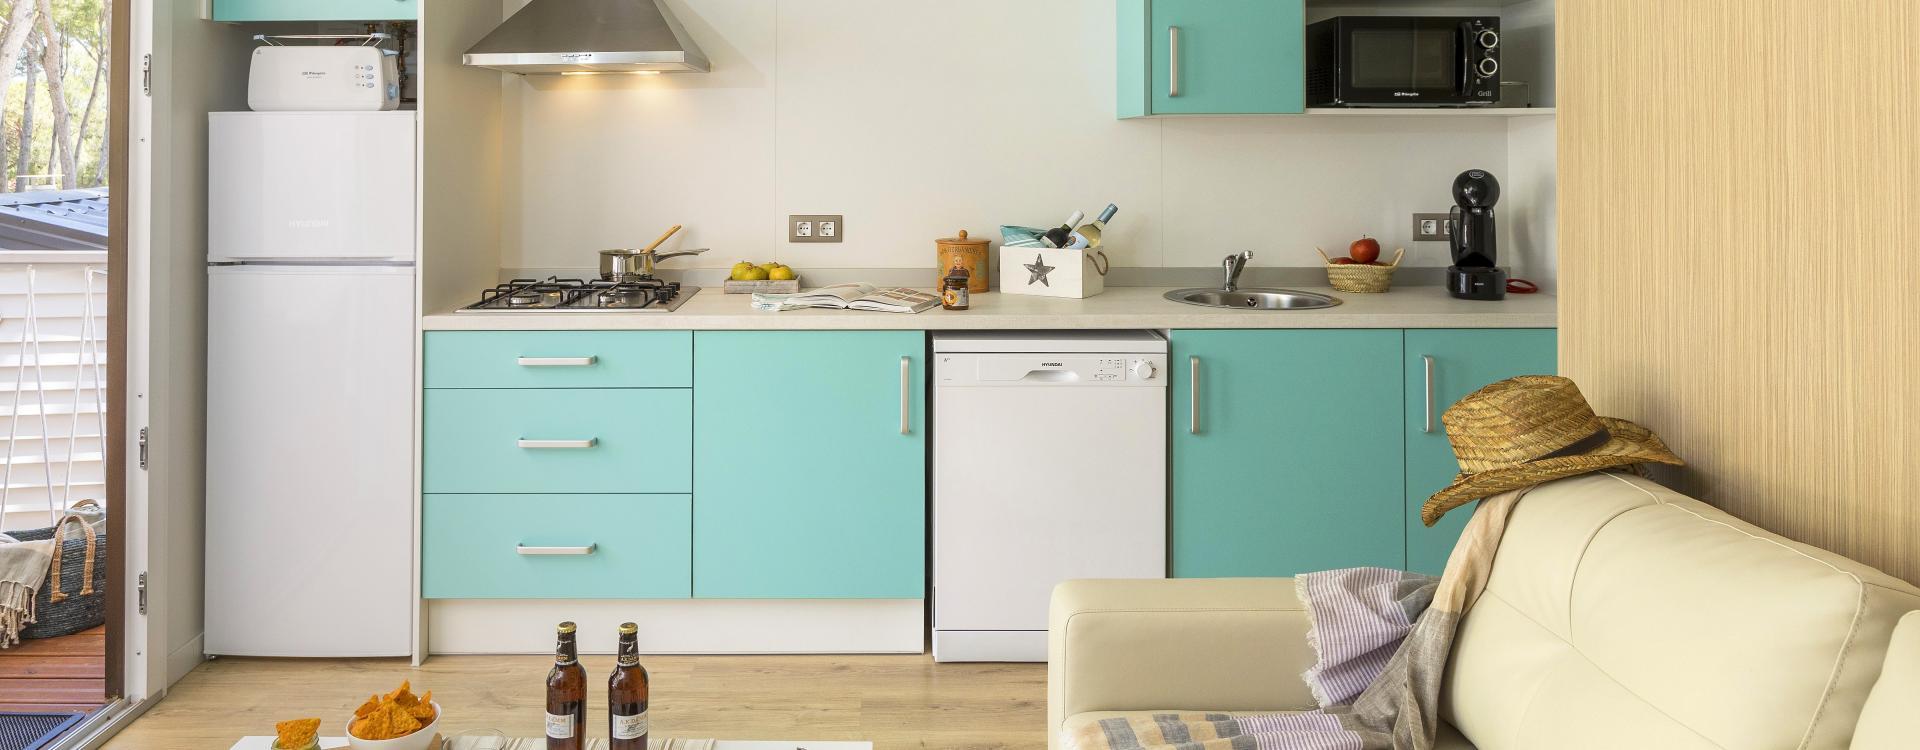 Blauwe keuken van bungalow Sa Tuna